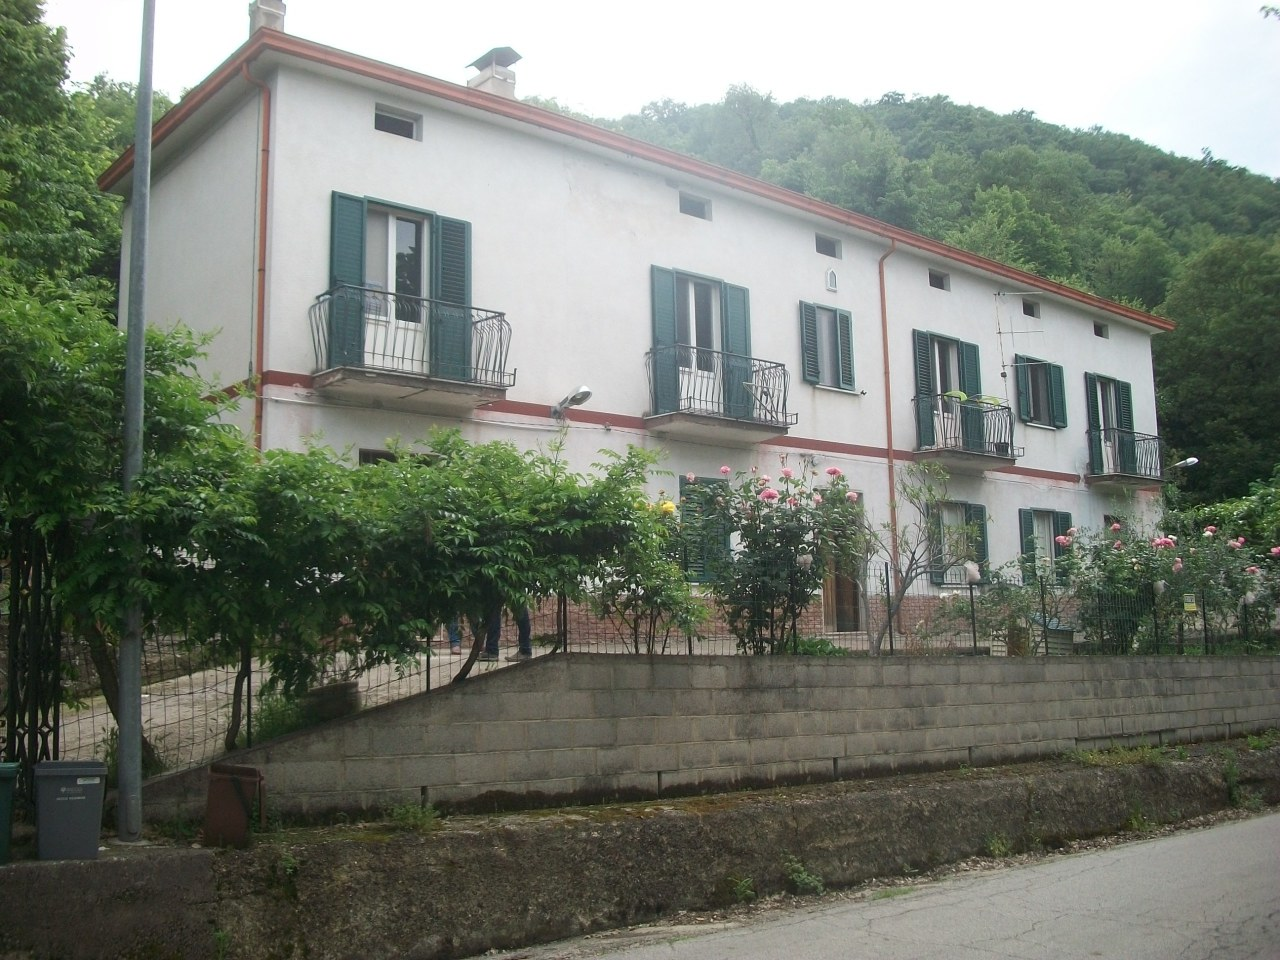 Rustico / Casale ristrutturato in vendita Rif. 7481685